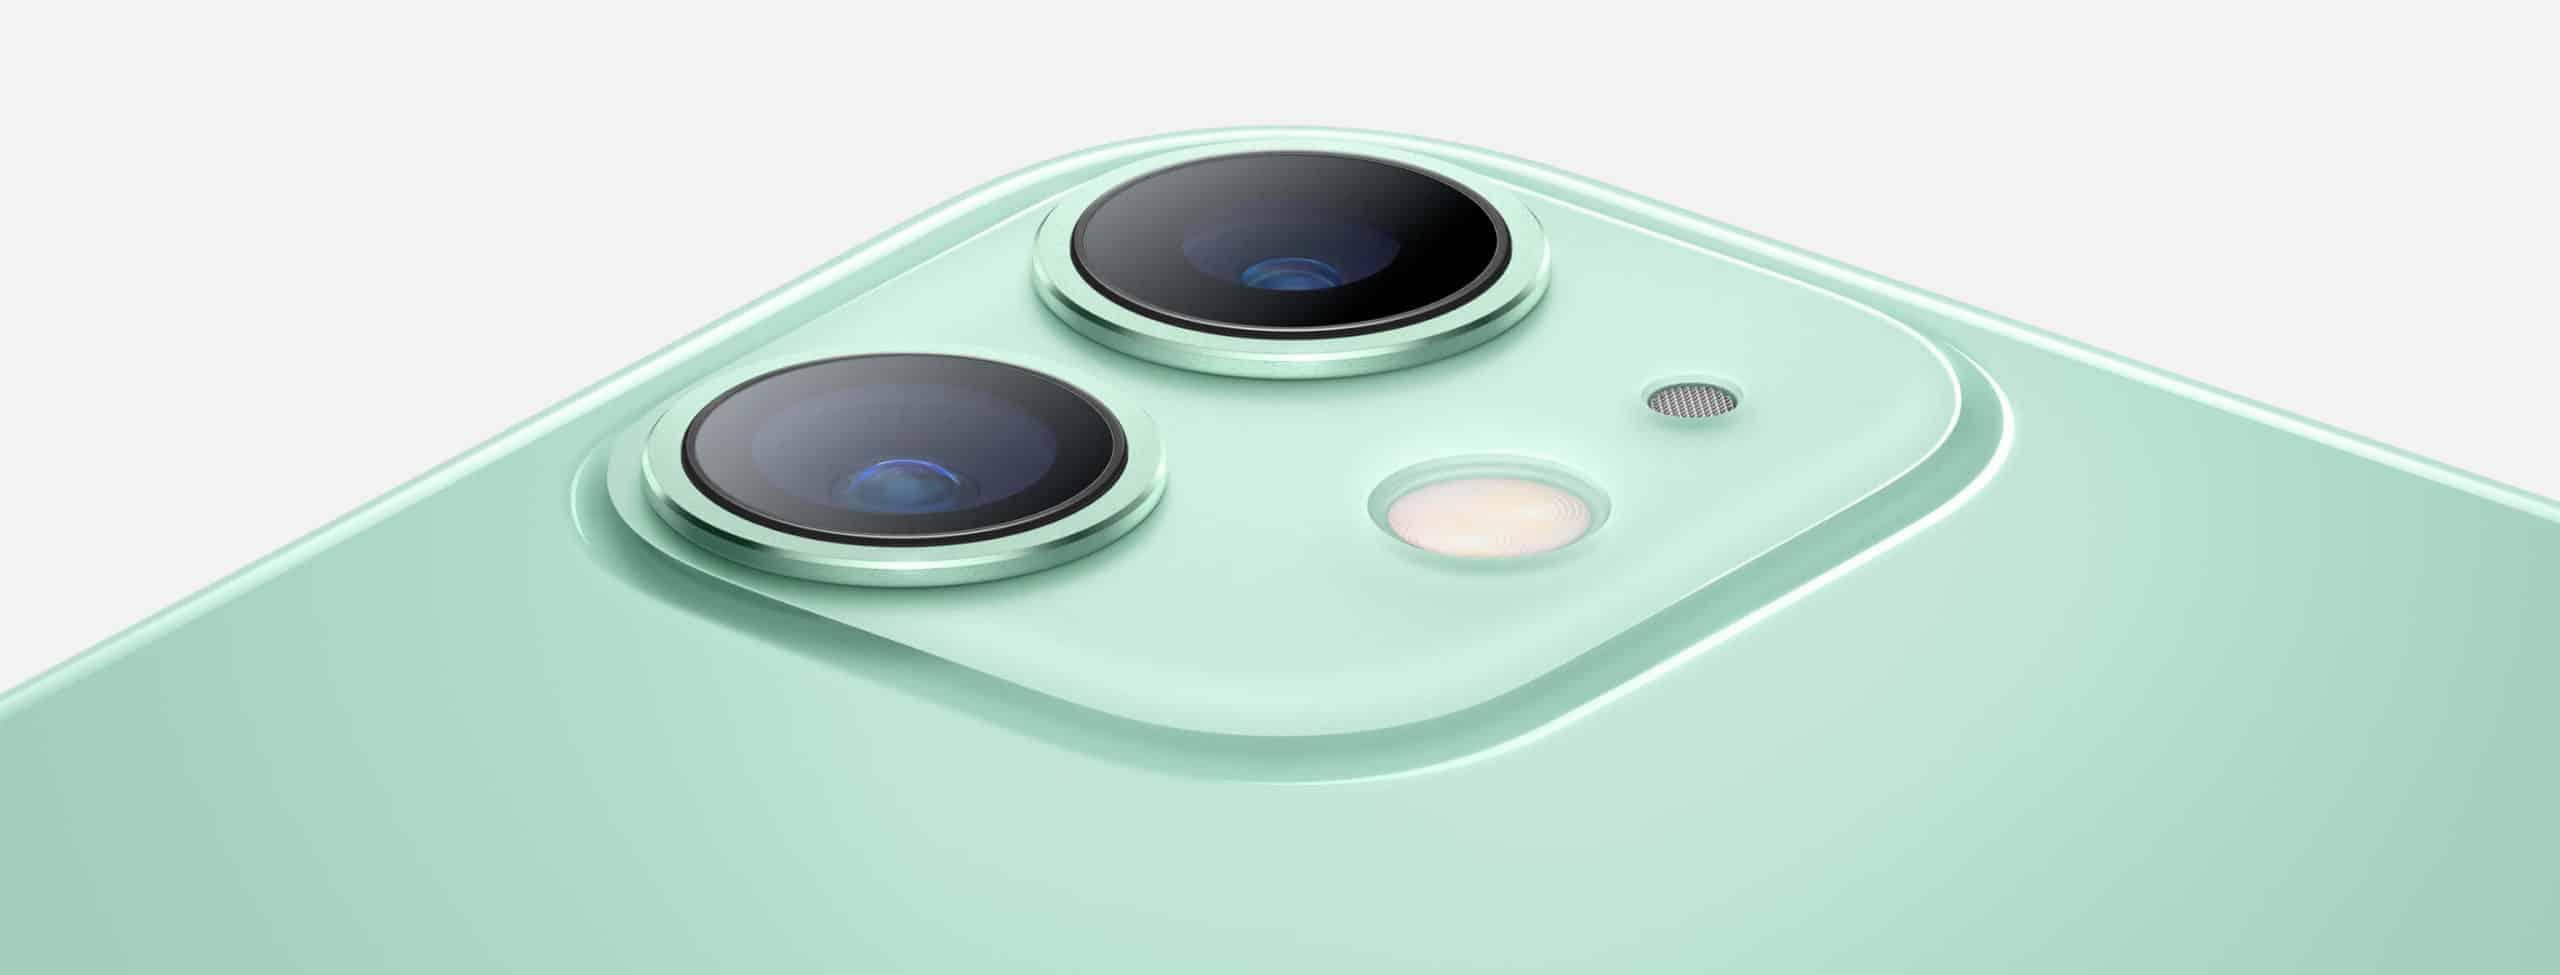 iPhone 11 übertrifft alle Erwartungen in China, iPhone 11 Pro stark in den USA